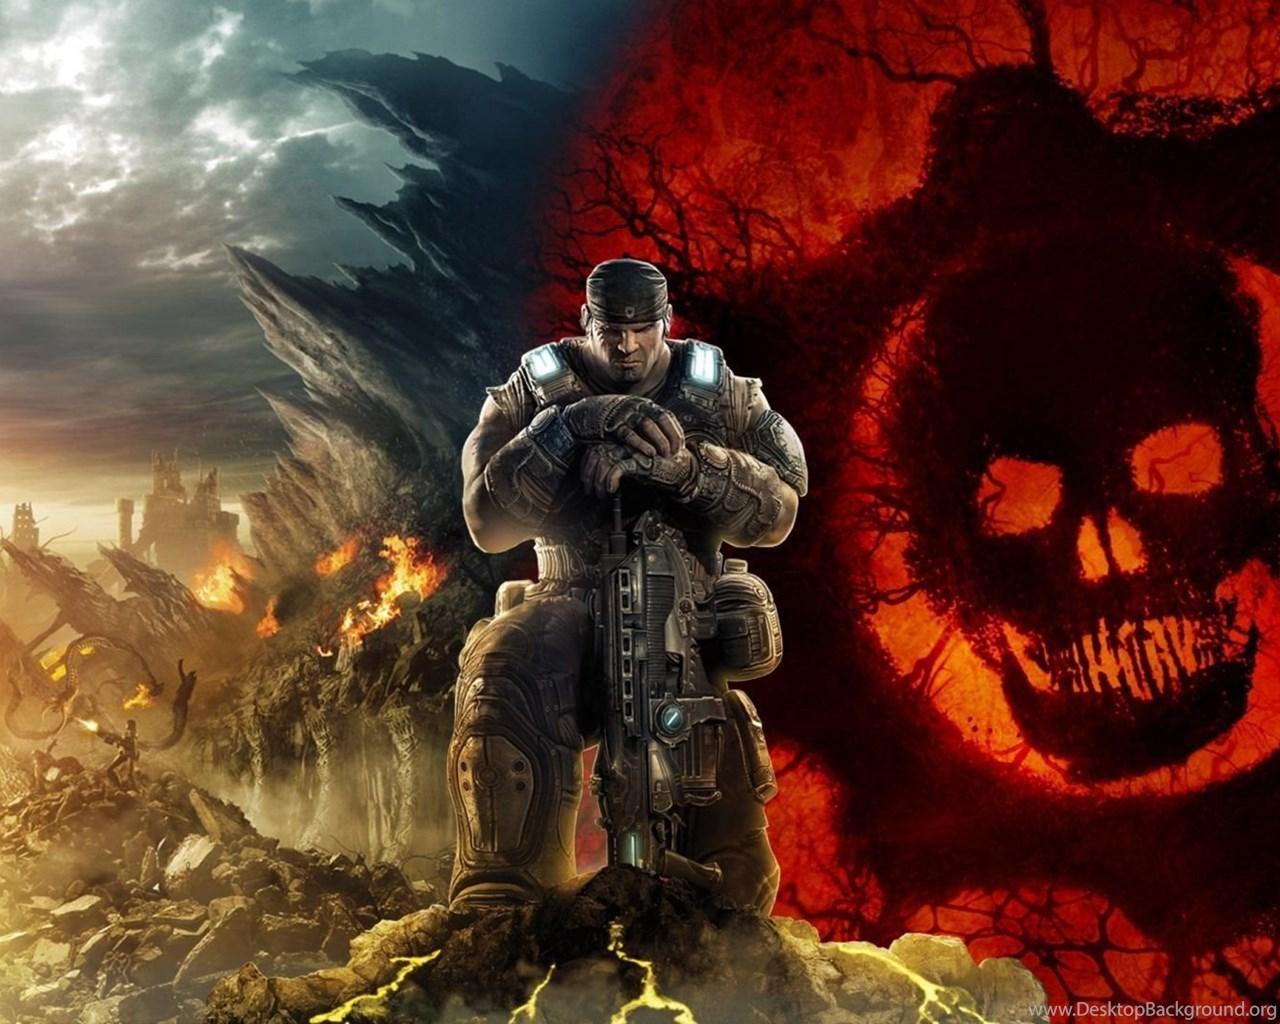 Download Wallpapers 1920x1080 Gears Of War Skull Soldier Sky